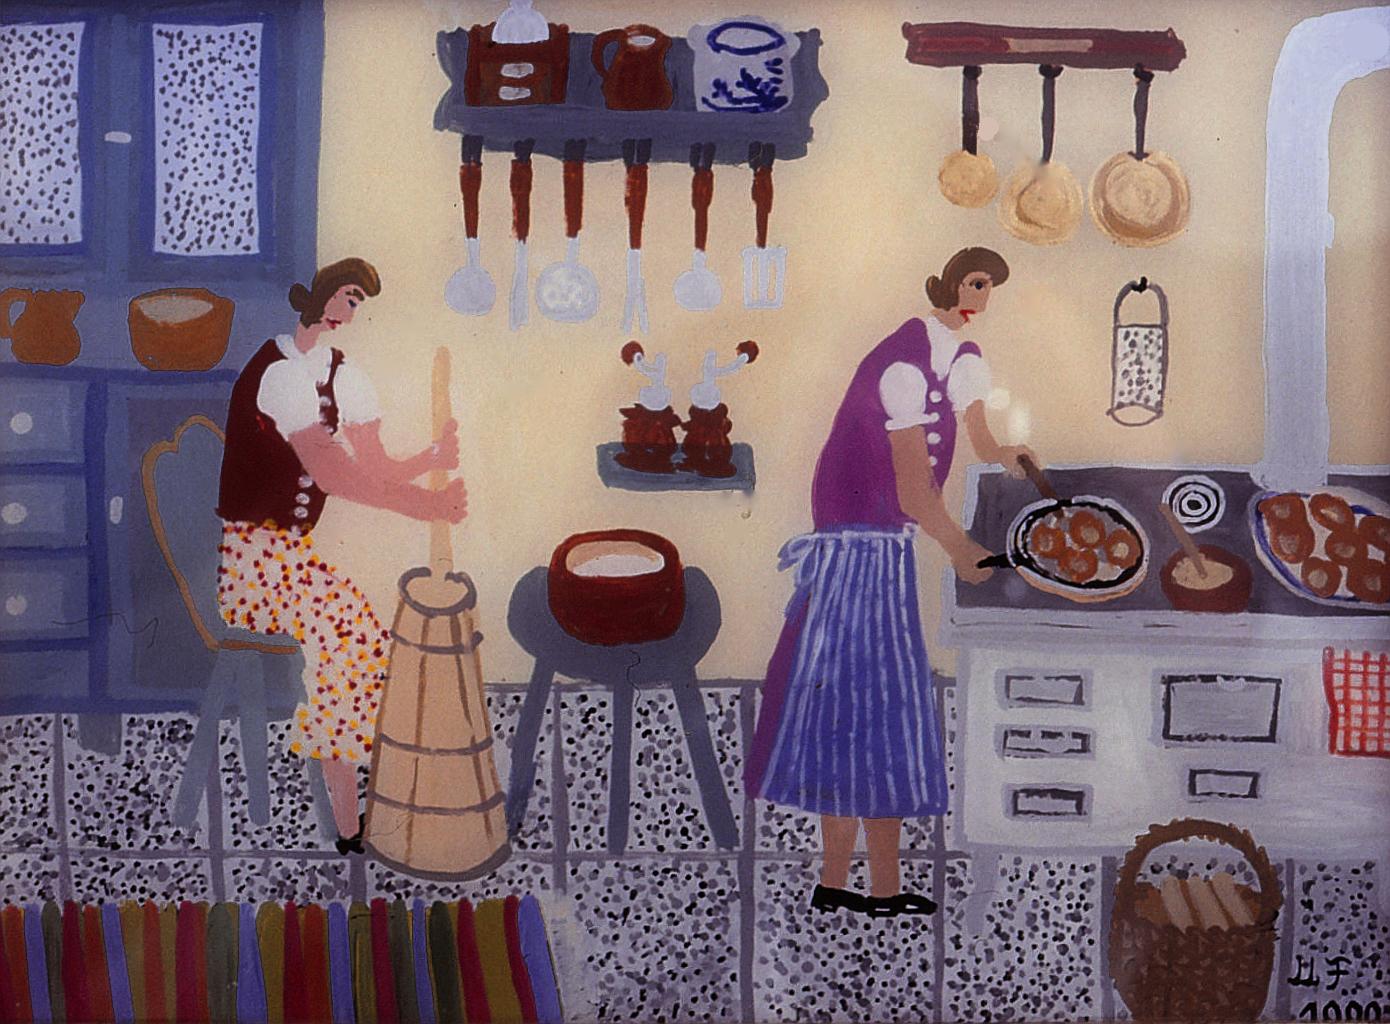 File:Maria Felder, Küchenarbeit, KSK RV.jpg - Wikimedia Commons